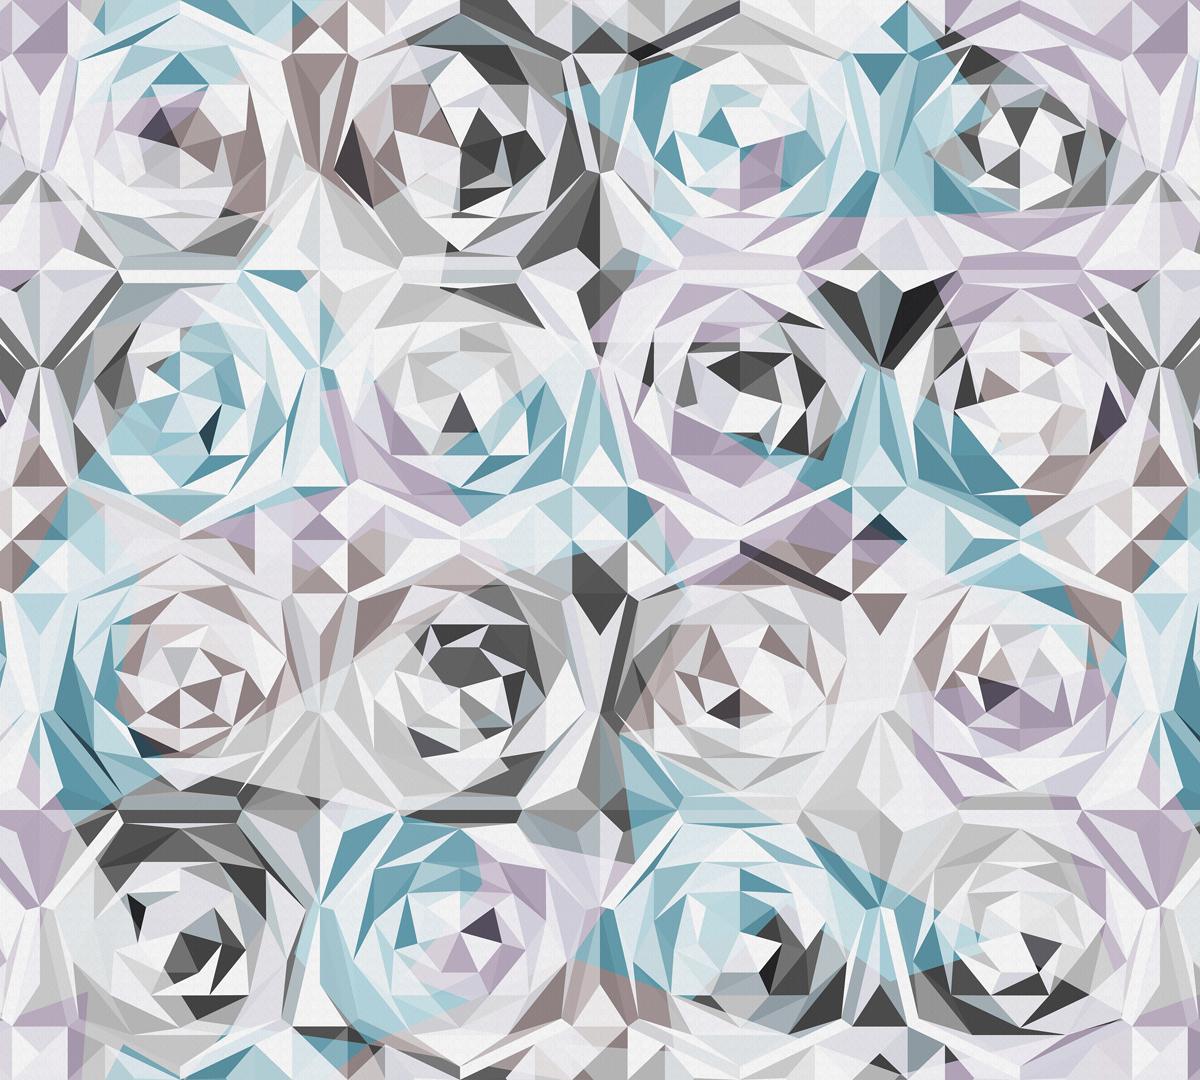 Фотообои Barton Wallpapers Цветы, 300 x 270 см. F27703F27703Флизелиновые фотообои Barton Wallpapers Цветы. Превосходное цифровое качество изображения, экологичные, износостойкие, не пахнут, стойки к выцветанию, просты в поклейке. Размер: ширина 300 см, длина 270 см.